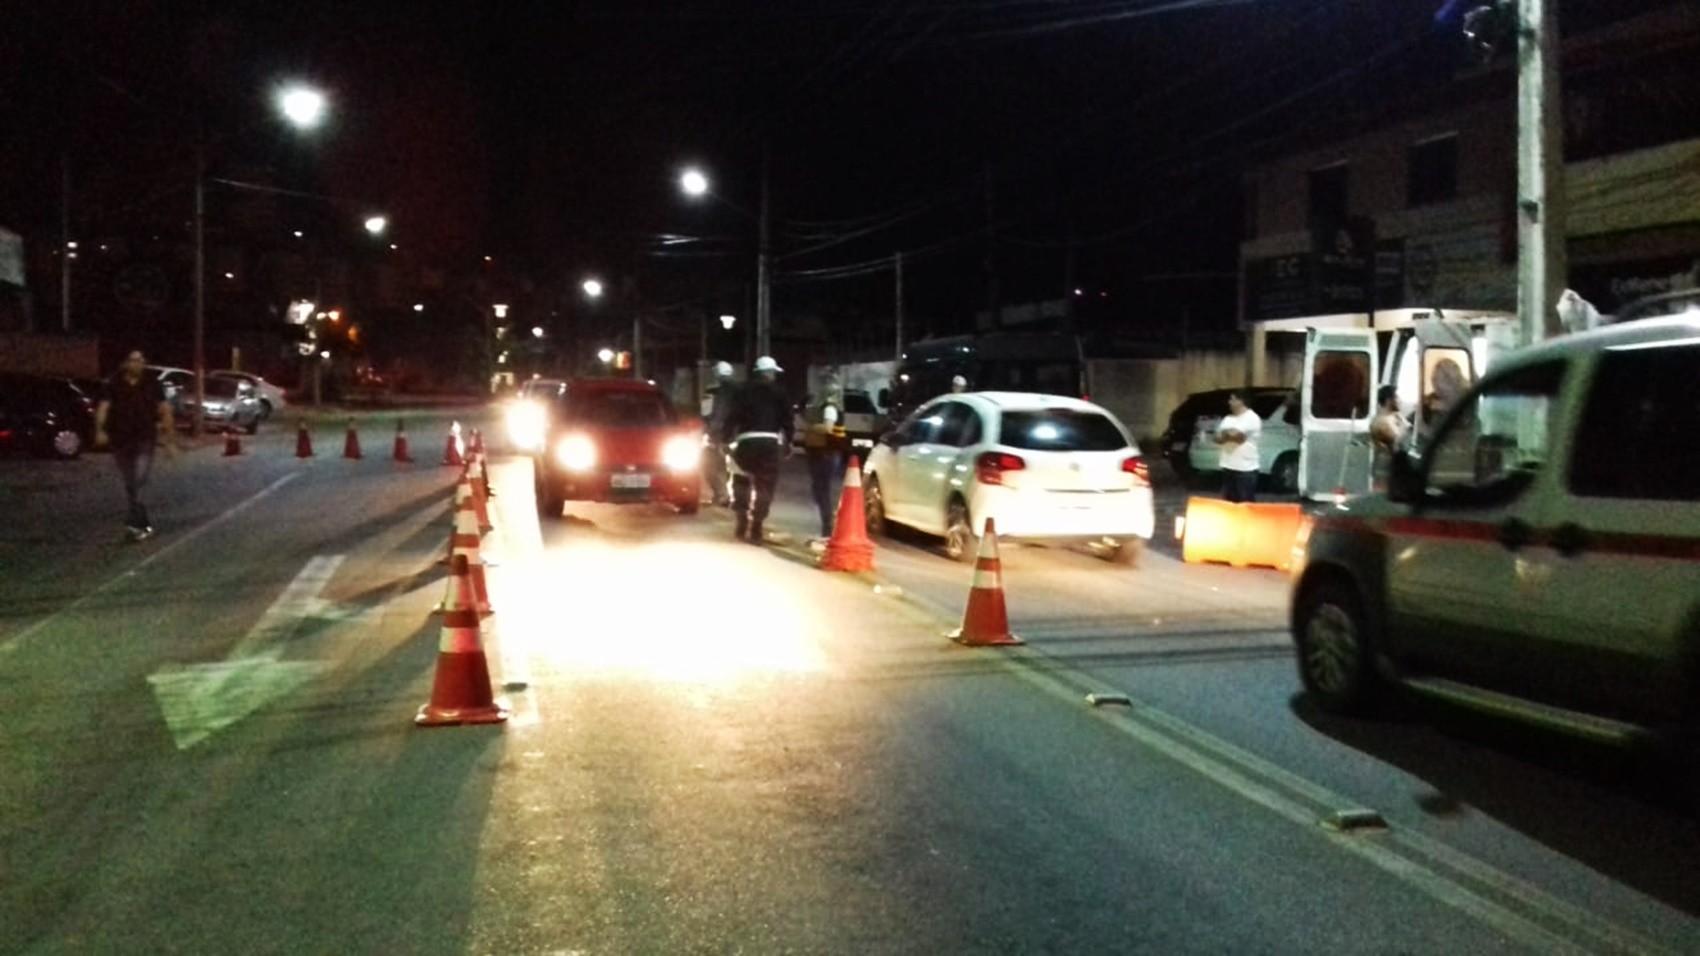 Blitz da Lei Seca autua 20 motoristas por embriaguez ao volante em Nova Parnamirim, na Grande Natal - Notícias - Plantão Diário